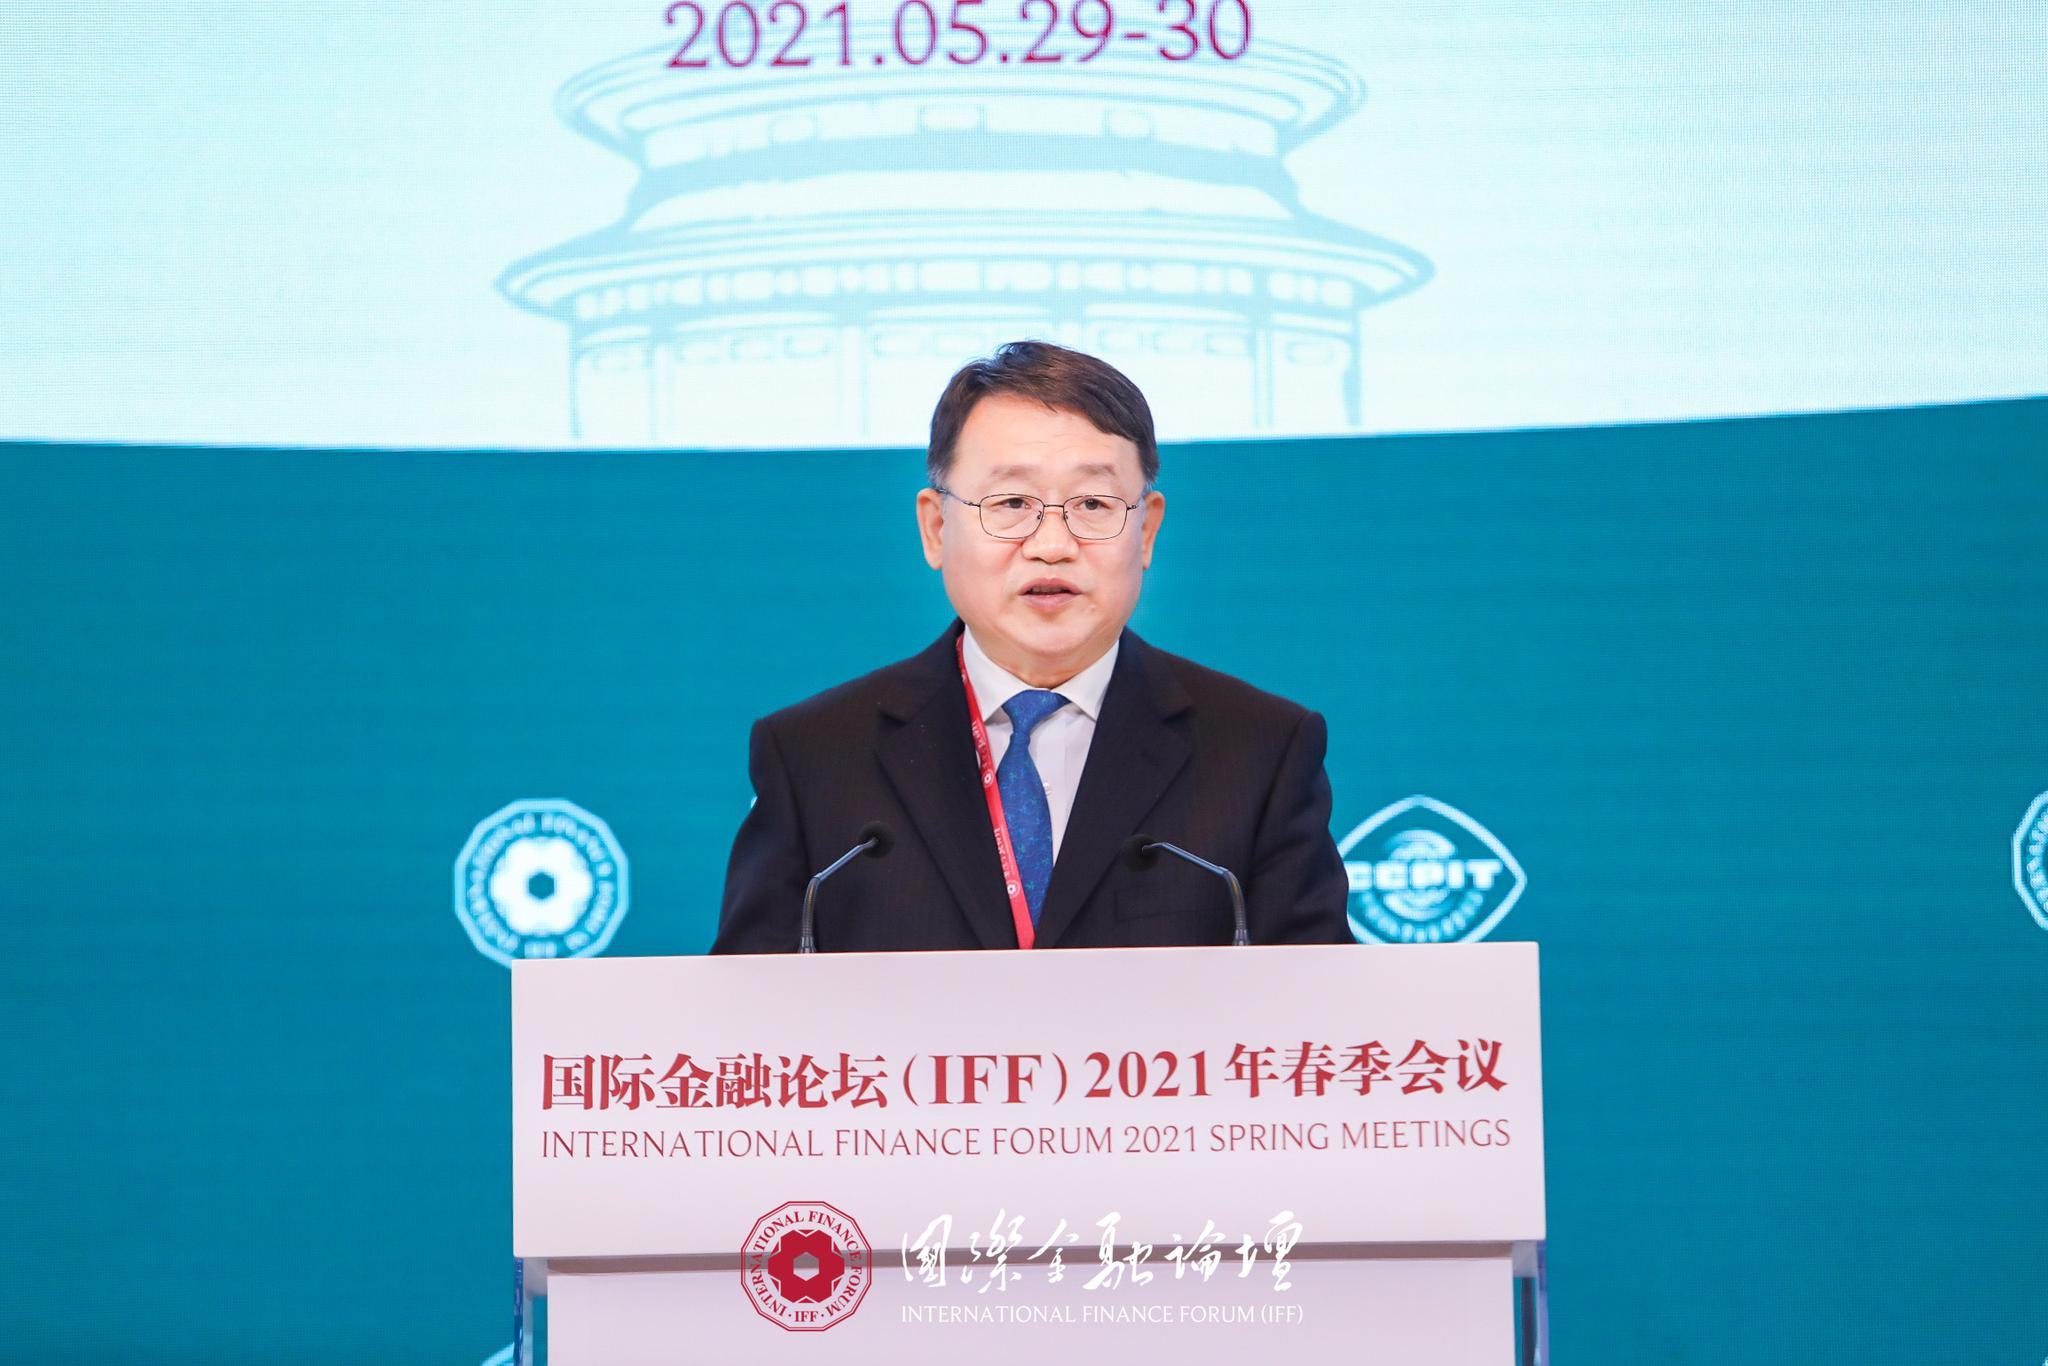 银保监会梁涛:部分国际大宗商品价格大幅上涨需高度关注